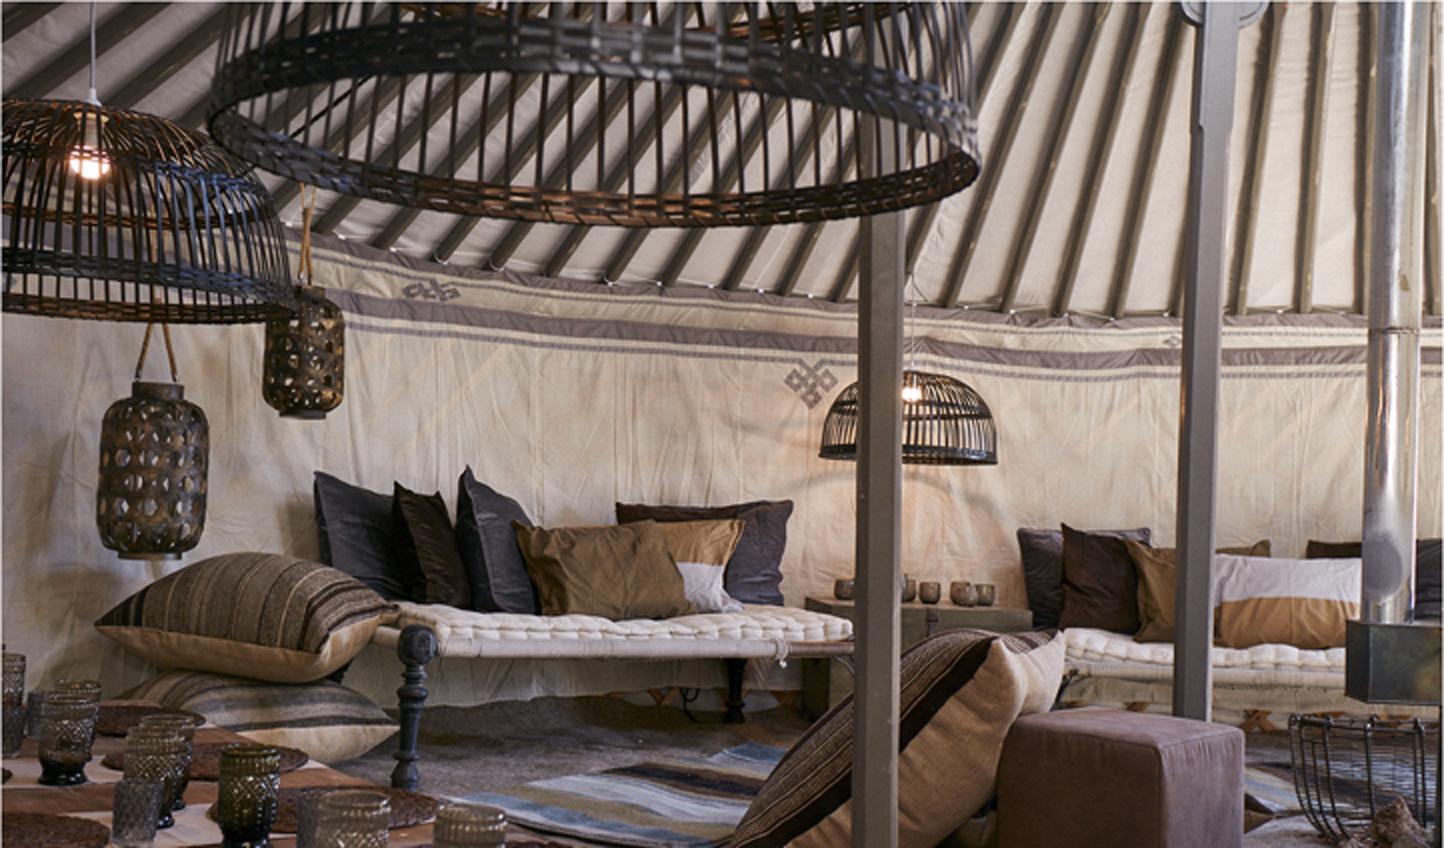 Chic-lounge-Yurt-tents-Boli